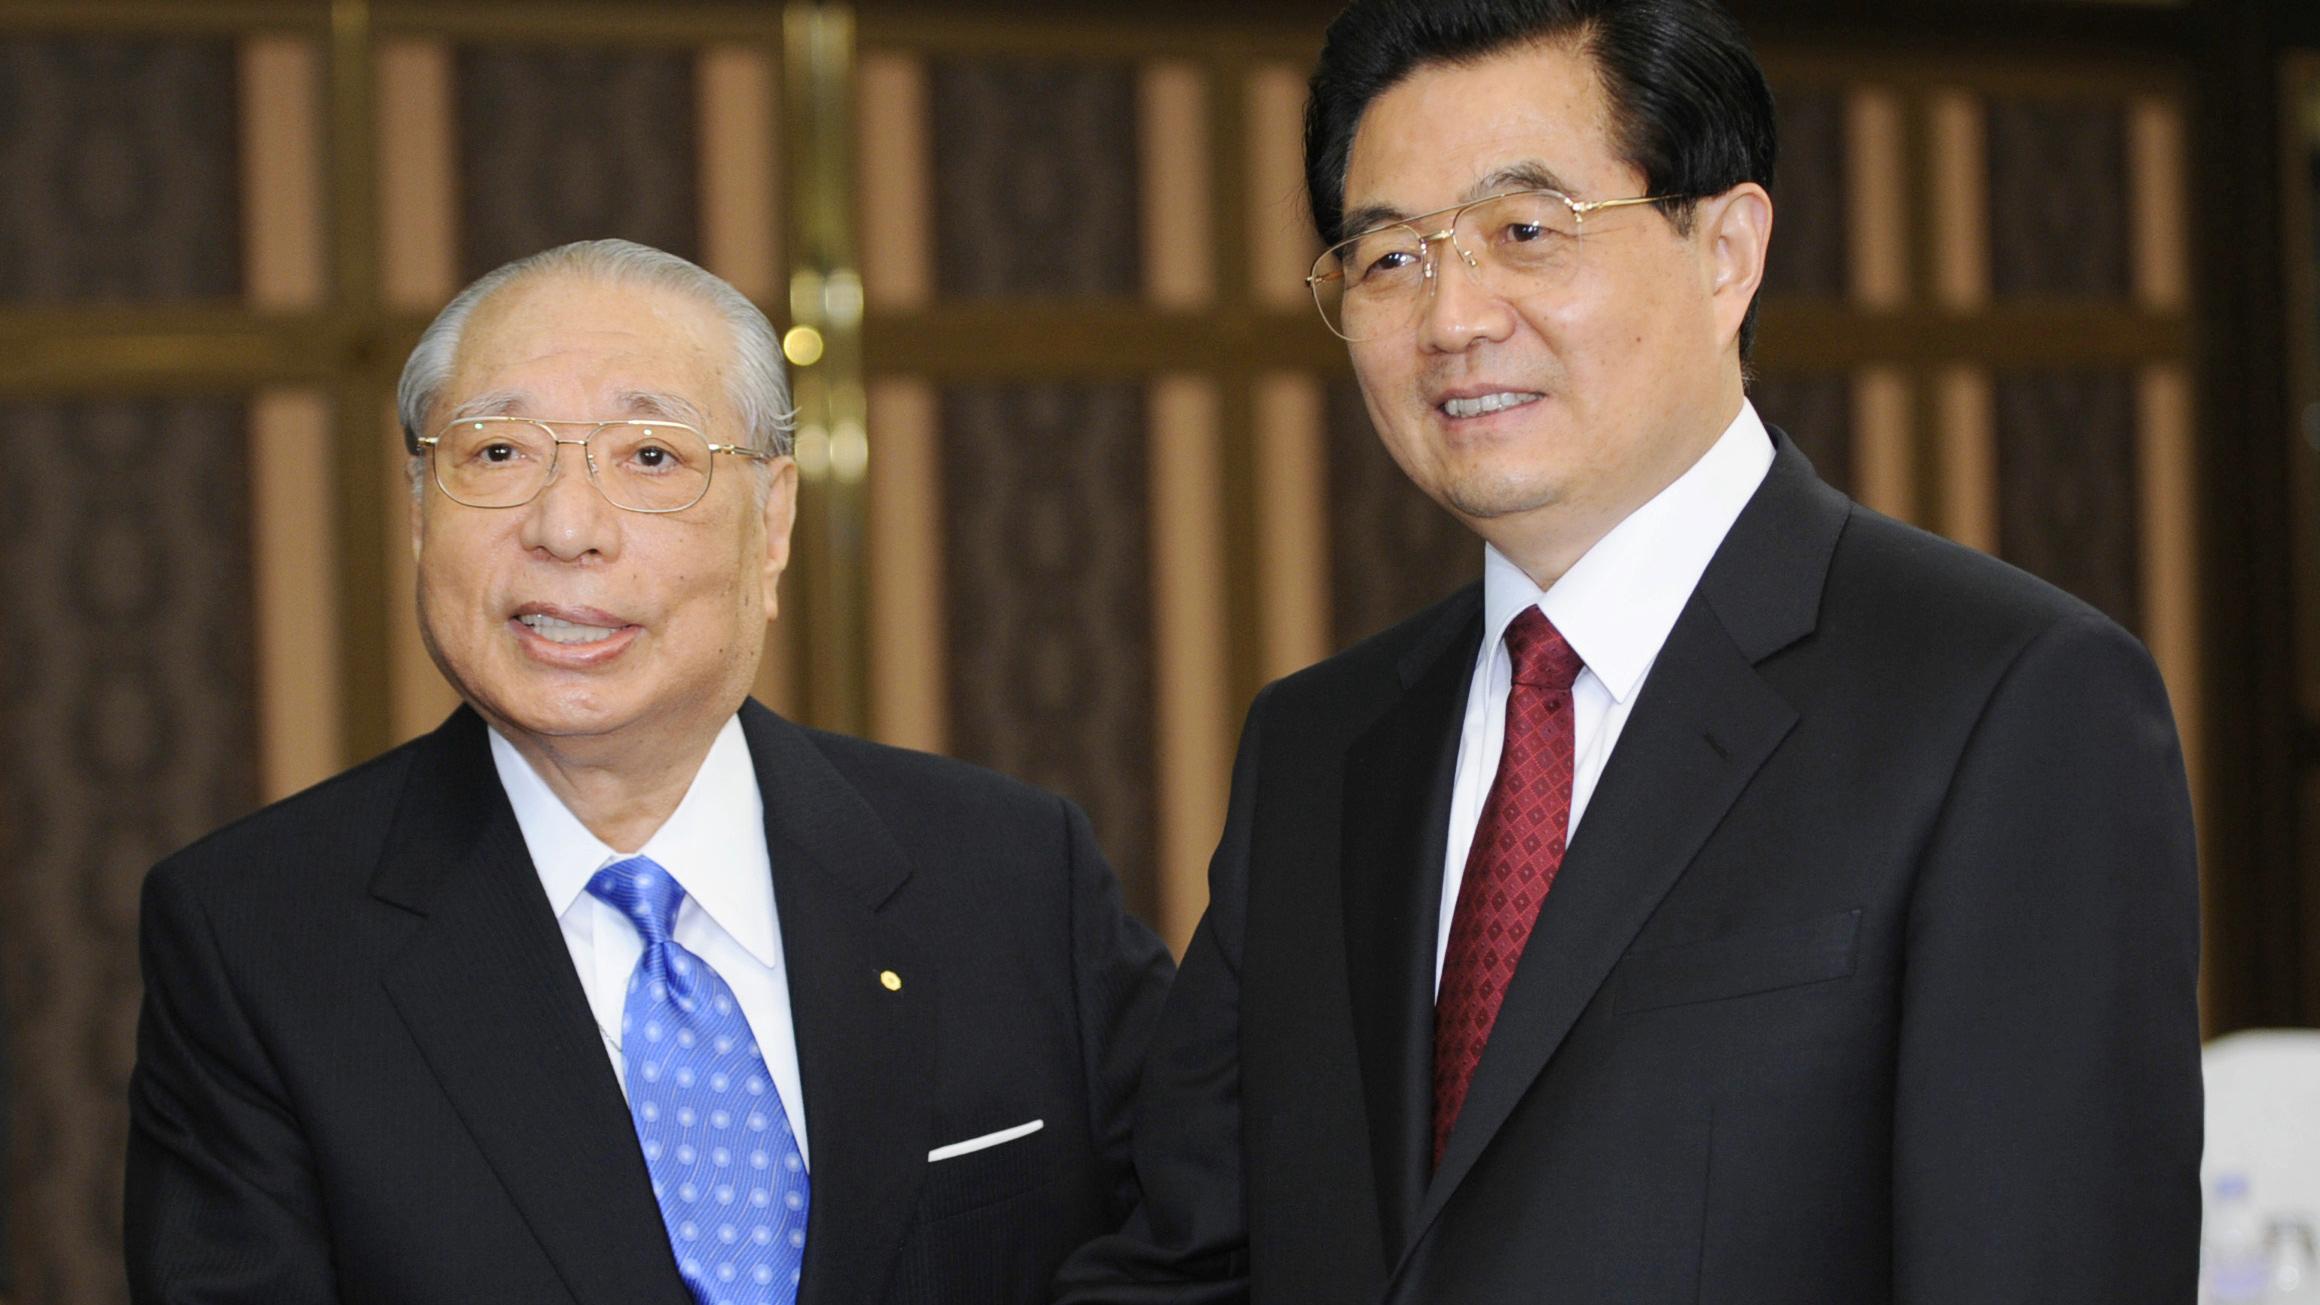 創価 学会 トップ 創価学会・池田名誉会長に「死亡説」も 幹部は「会っても意味が」